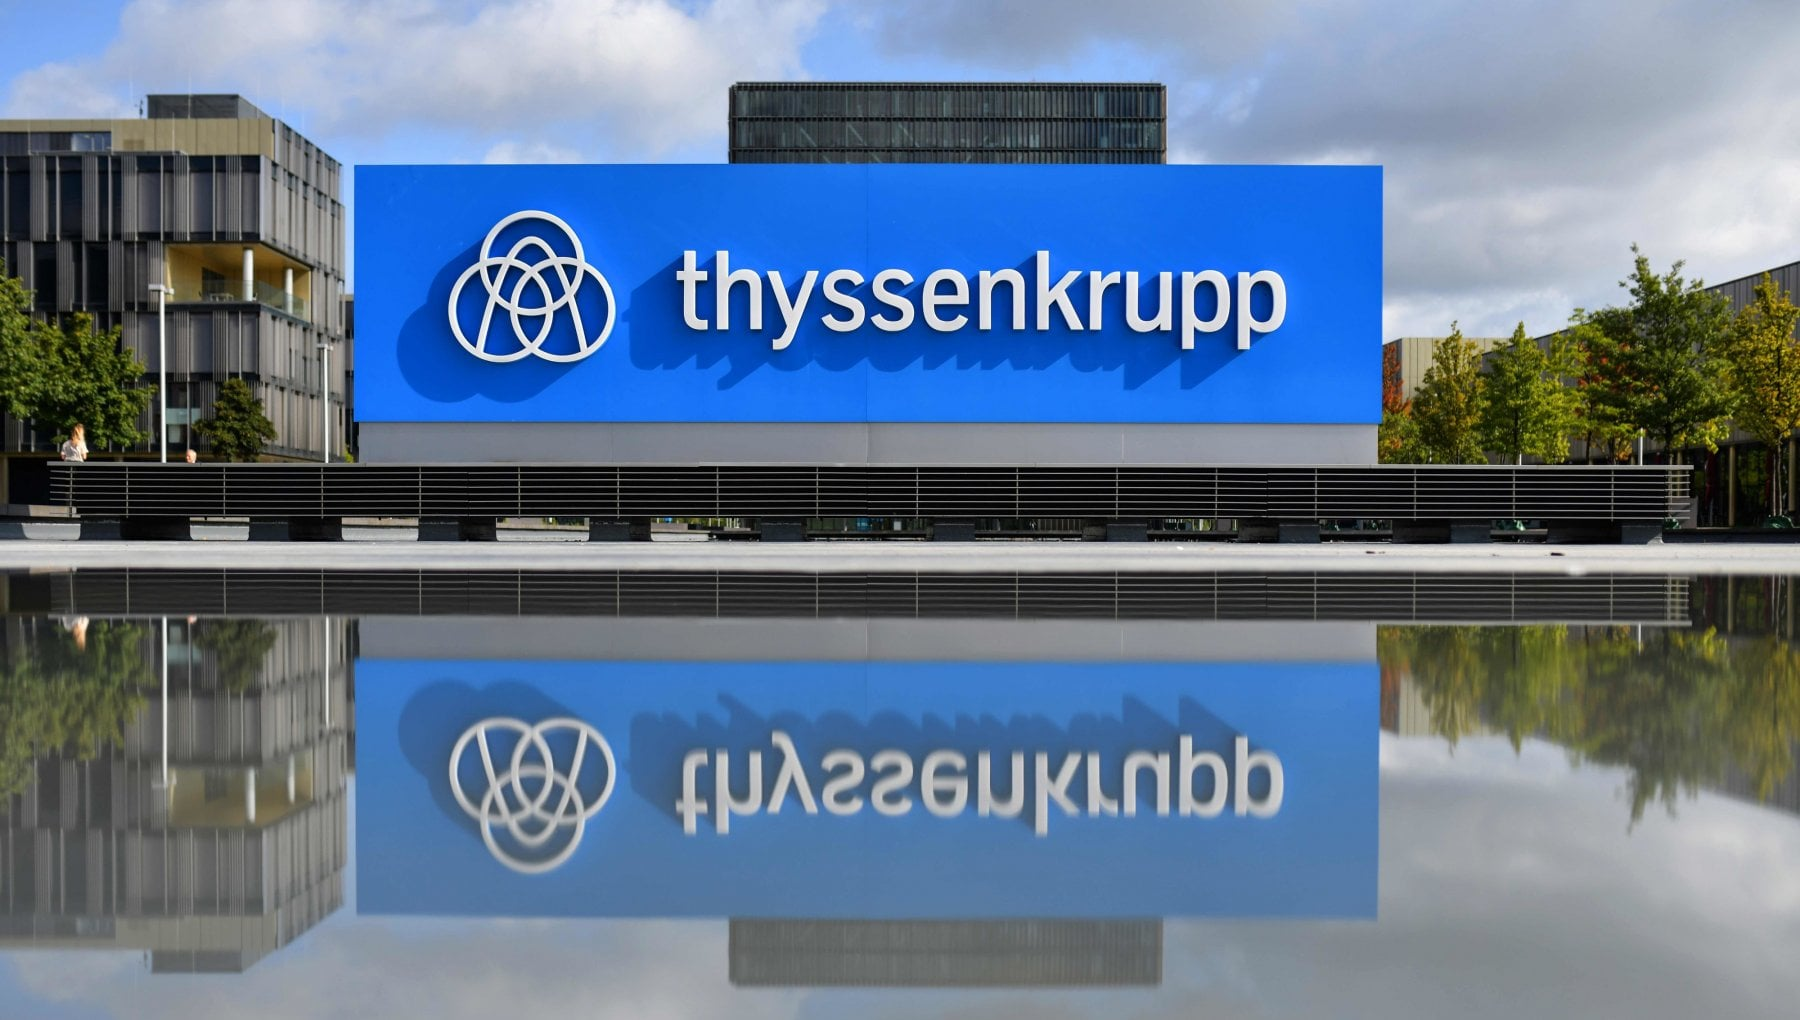 Acciaio all'idrogeno: thyssenkrupp fa il punto – Arnd Köfler, CTO di thyssenkrupp Steel: «Il processo non cambierà nulla in termini di qualità della nostra ghisa»